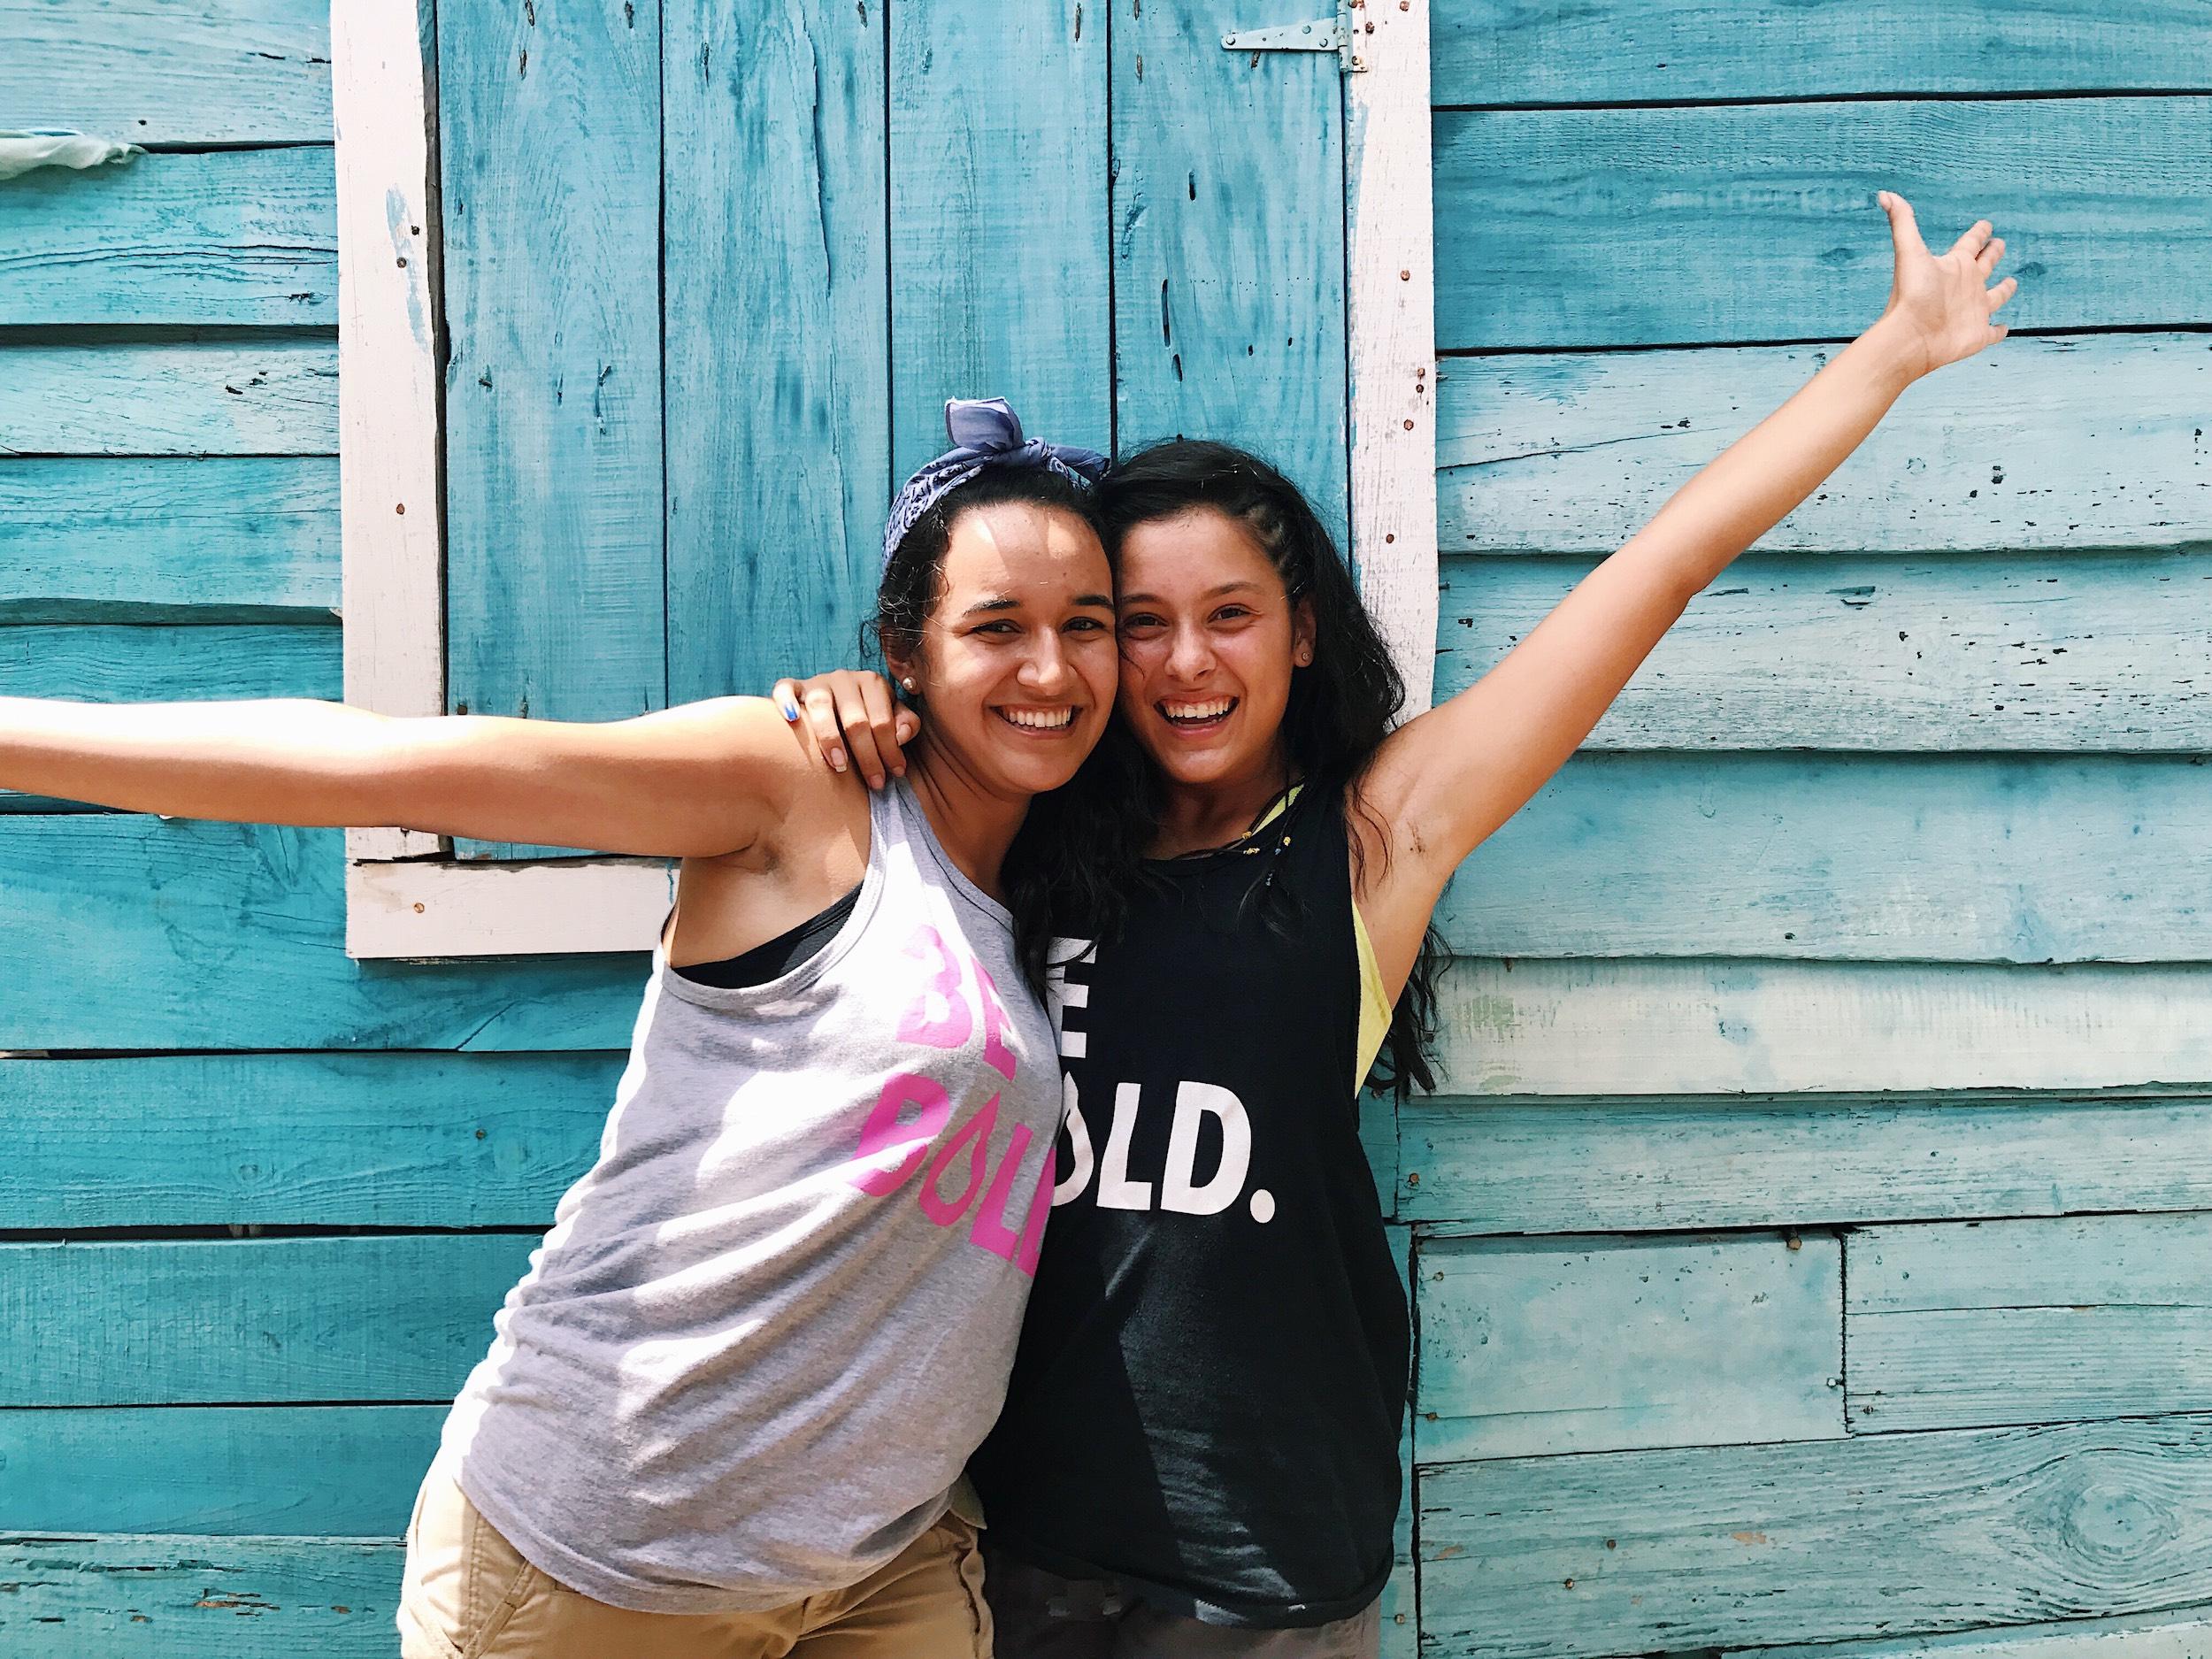 Lauren & Andrea pic for NOV REACH.jpg